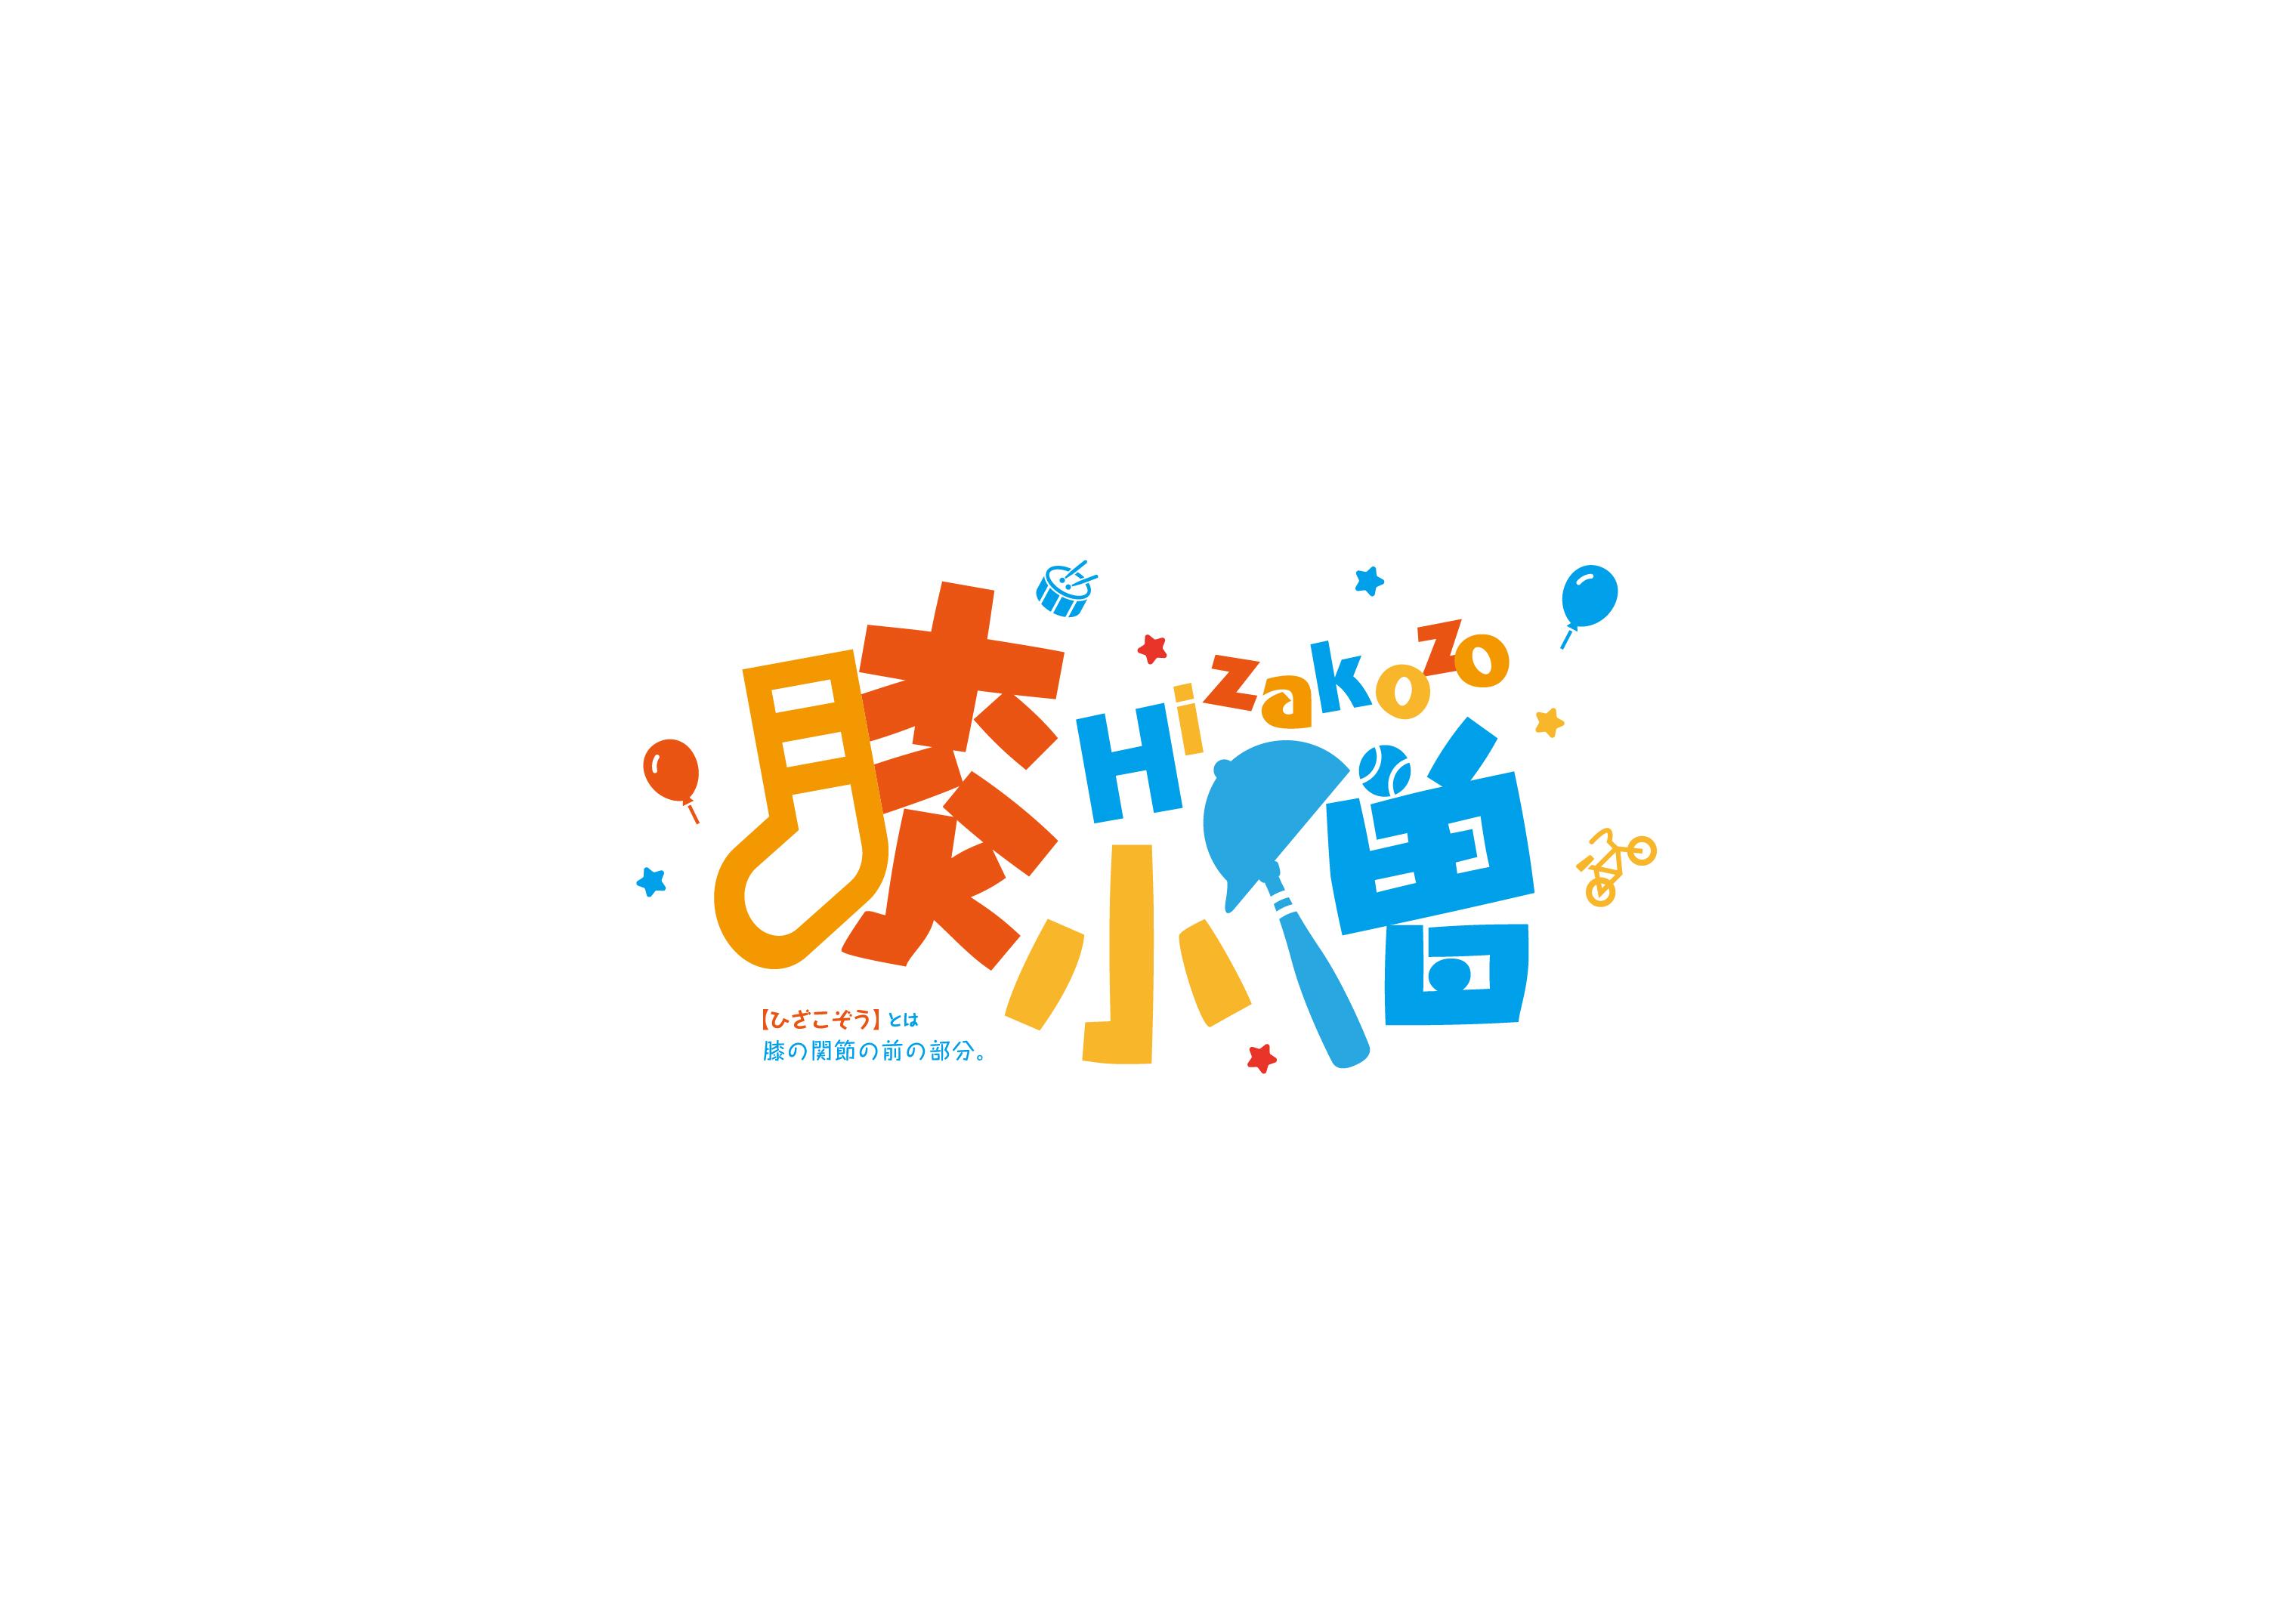 01_hizakozo-01